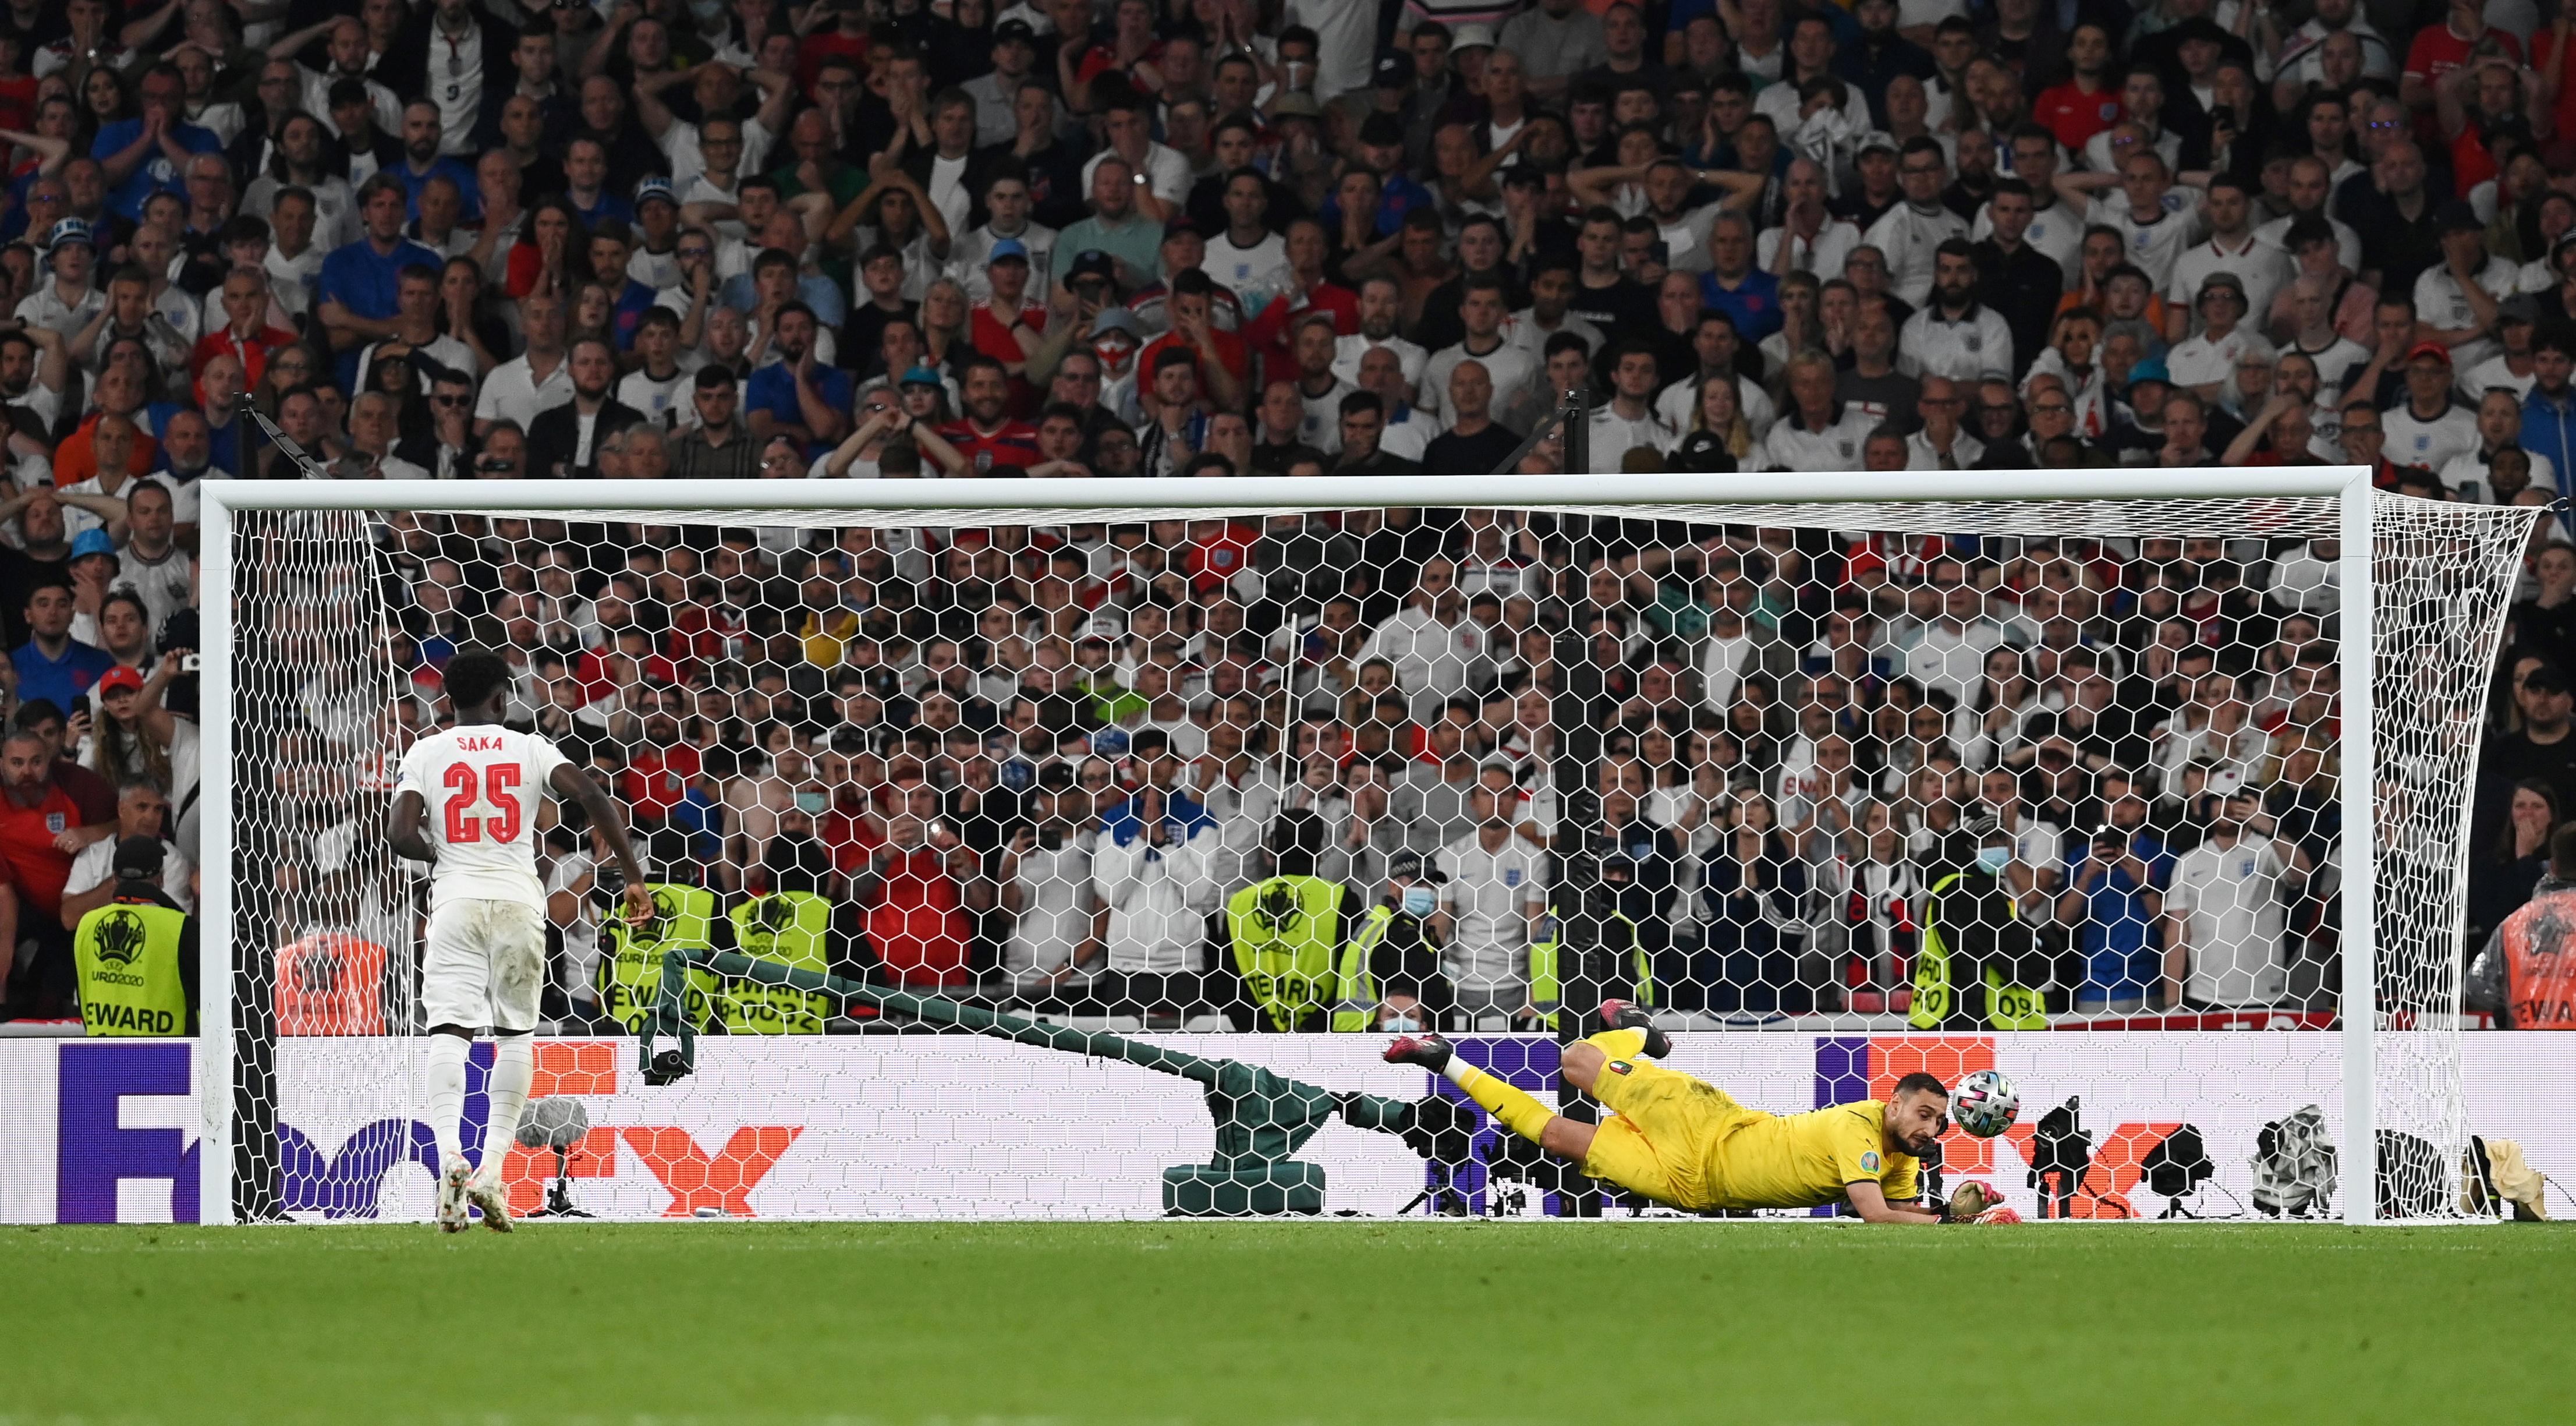 पेनल्टी शूटआउट में इंग्लैंड के बुकायो साका गोल करने से चूक गए। इसी के साथ इंग्लैंड का पहला यूरो कप खिताब जीतने का सपना भी टूट गया।